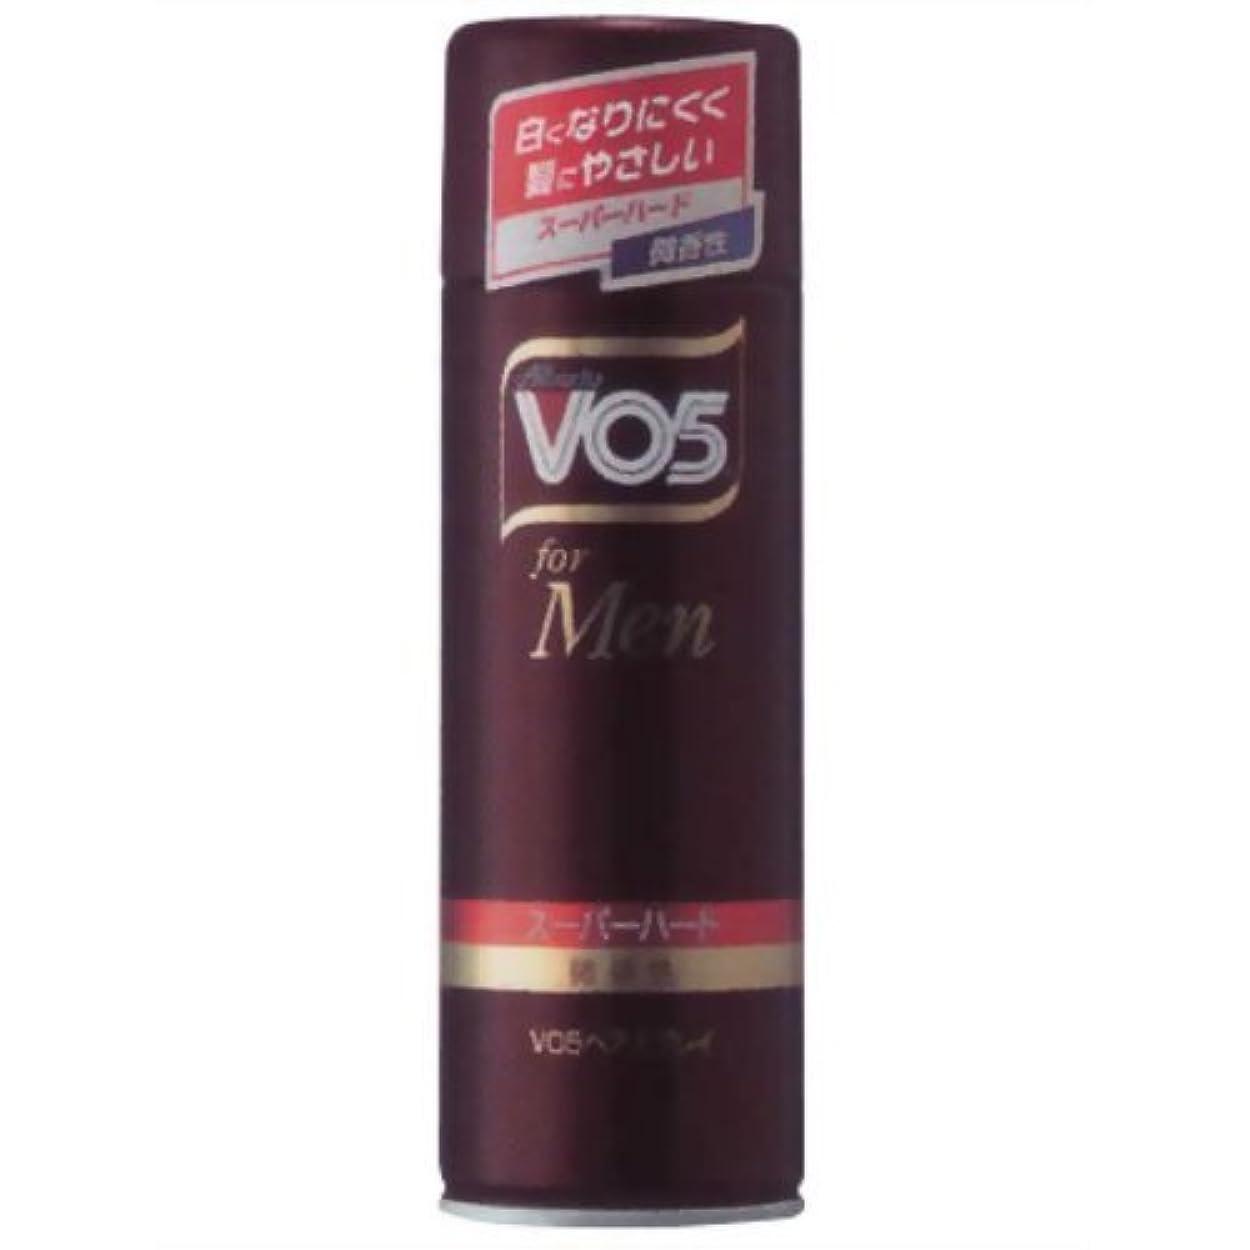 マークされた恐怖症虚栄心VO5 for MEN ヘアスプレイ スーパーハード微香性 260g